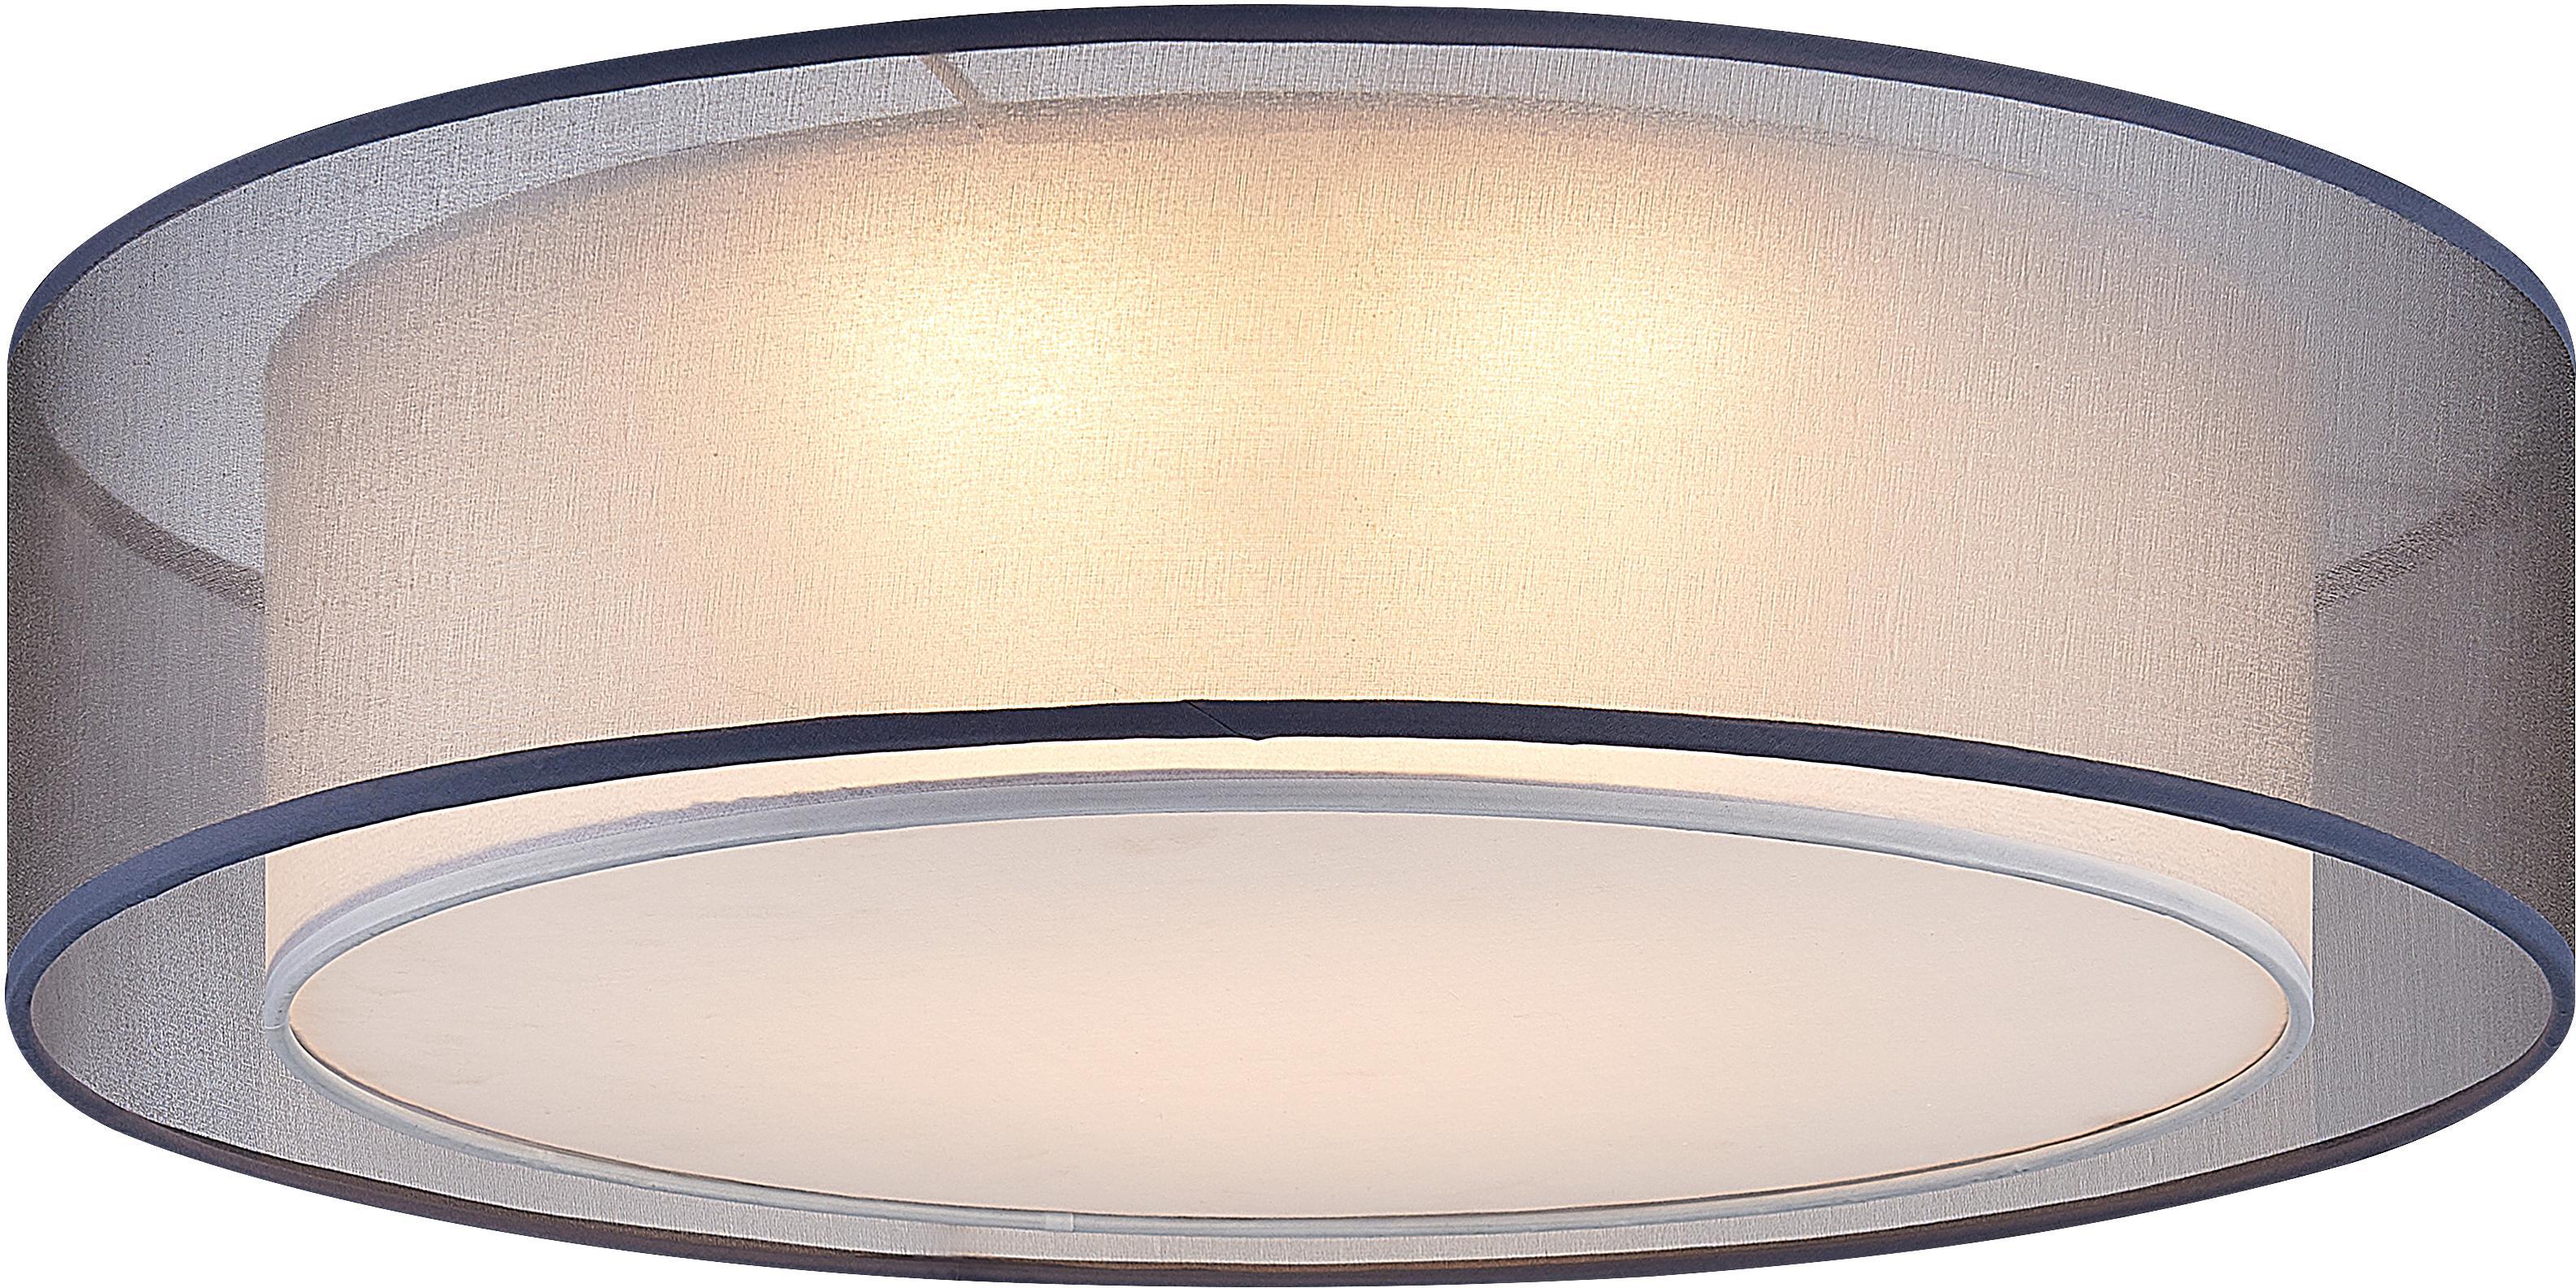 Nino Leuchten LED Deckenleuchte CHLOE